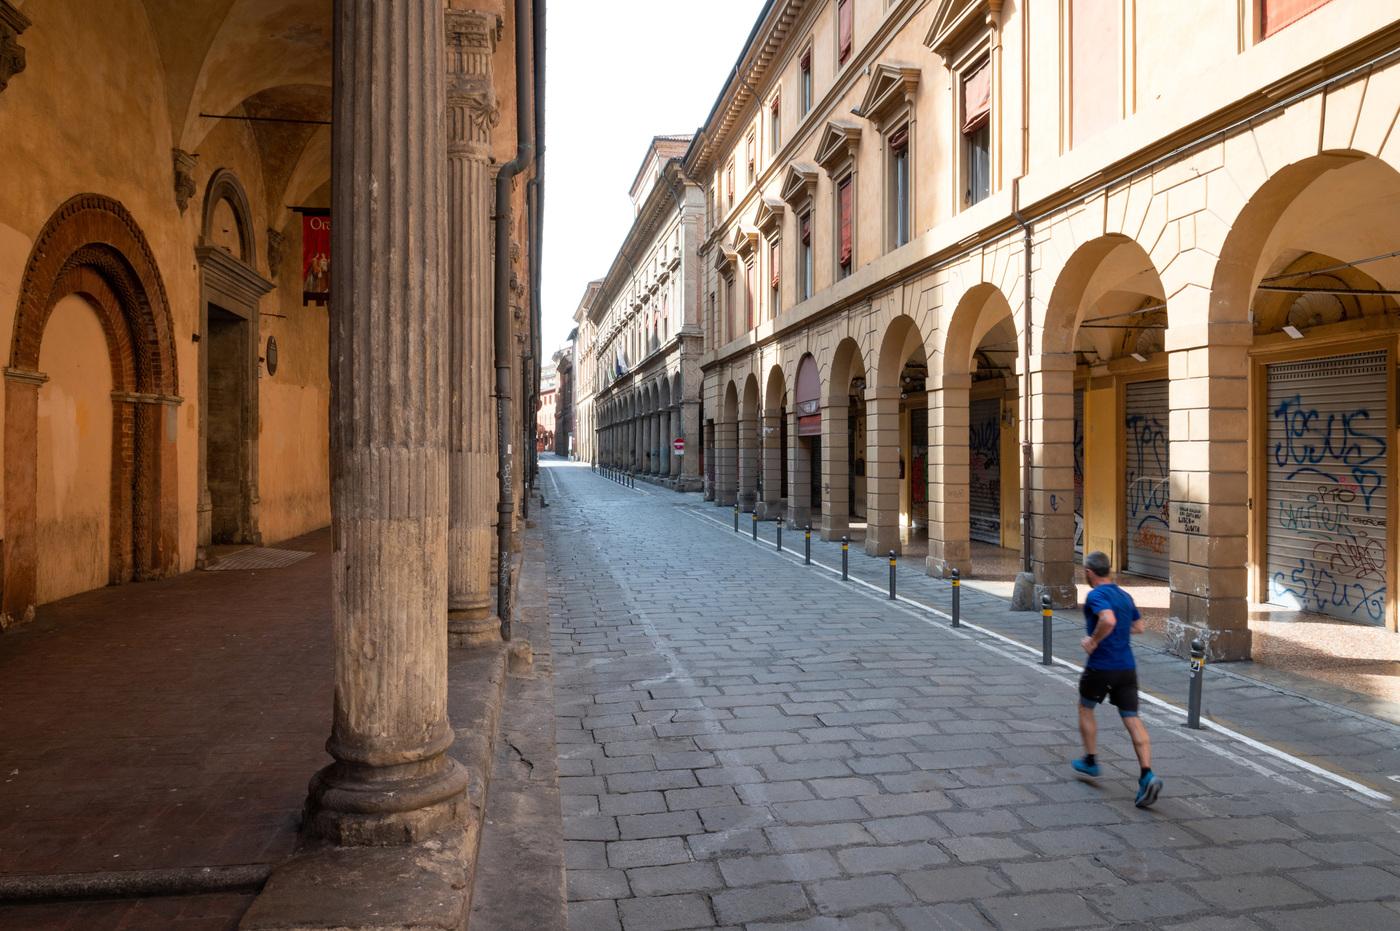 Coronavirus, dal 4 maggio si può riprendere il Jogging, ma chi non fa jogging non ha diritto di muoversi un po'?